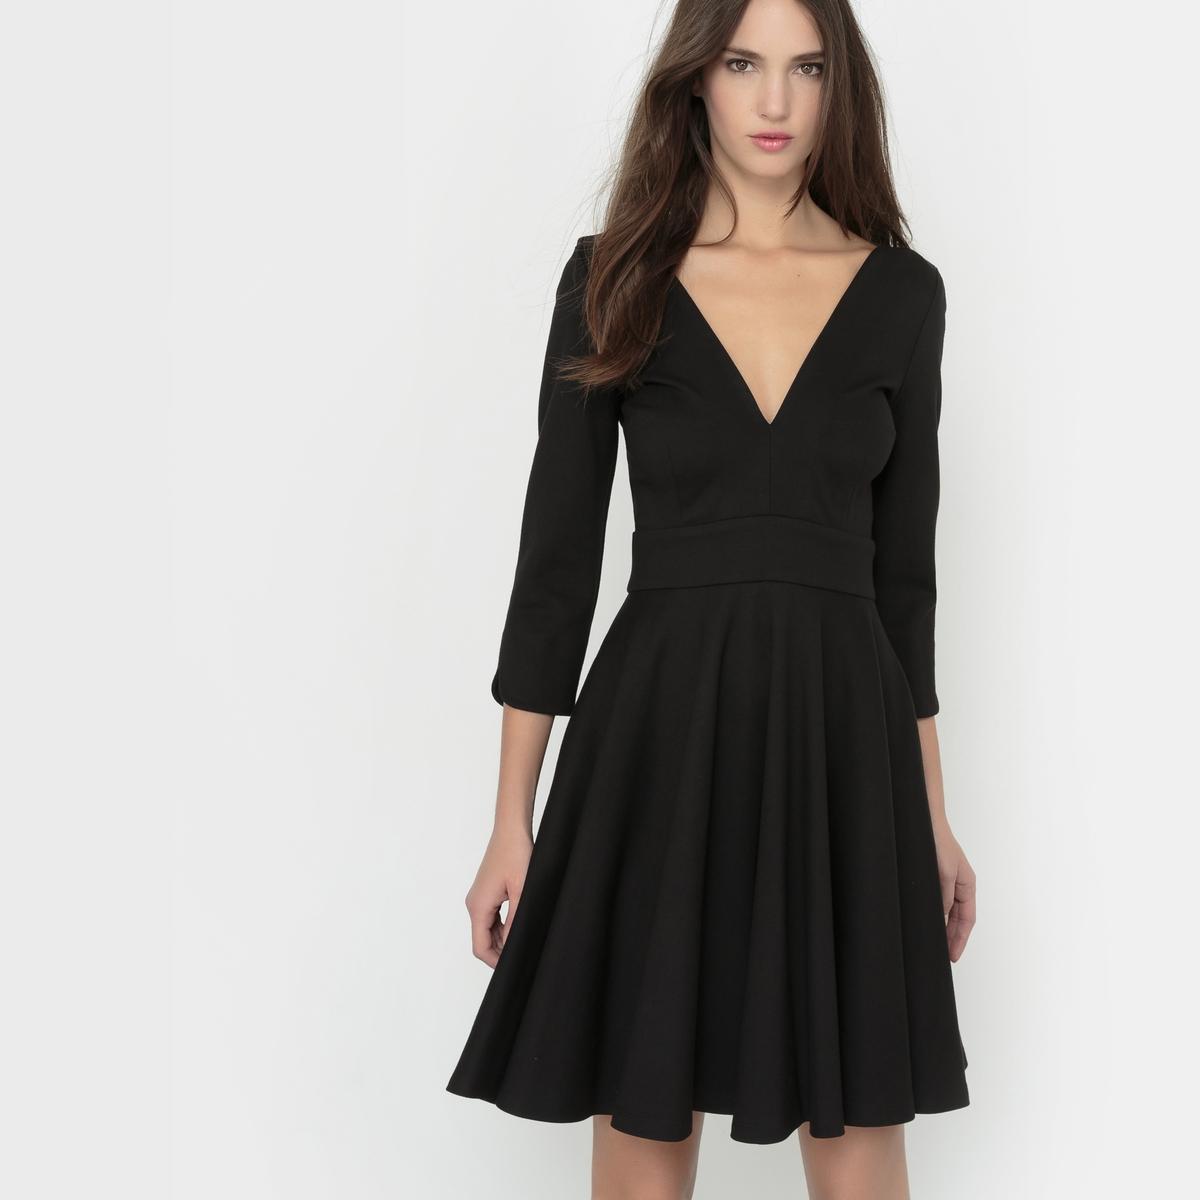 Платье короткоеПлатье с глубоким вырезом спереди и сзади. Рукава 3/4. Молния сзади.Состав и описаниеМатериал 67% вискозы, 28% полиамида, 5% эластанаДлина 91 смМарка DELPHINE MANIVET  УходМашинная стирка при 30 °C - Не отбеливать - Гладить при низкой температуре - Машинная сушка запрещена<br><br>Цвет: черный<br>Размер: 44 (FR) - 50 (RUS).42 (FR) - 48 (RUS).38 (FR) - 44 (RUS)